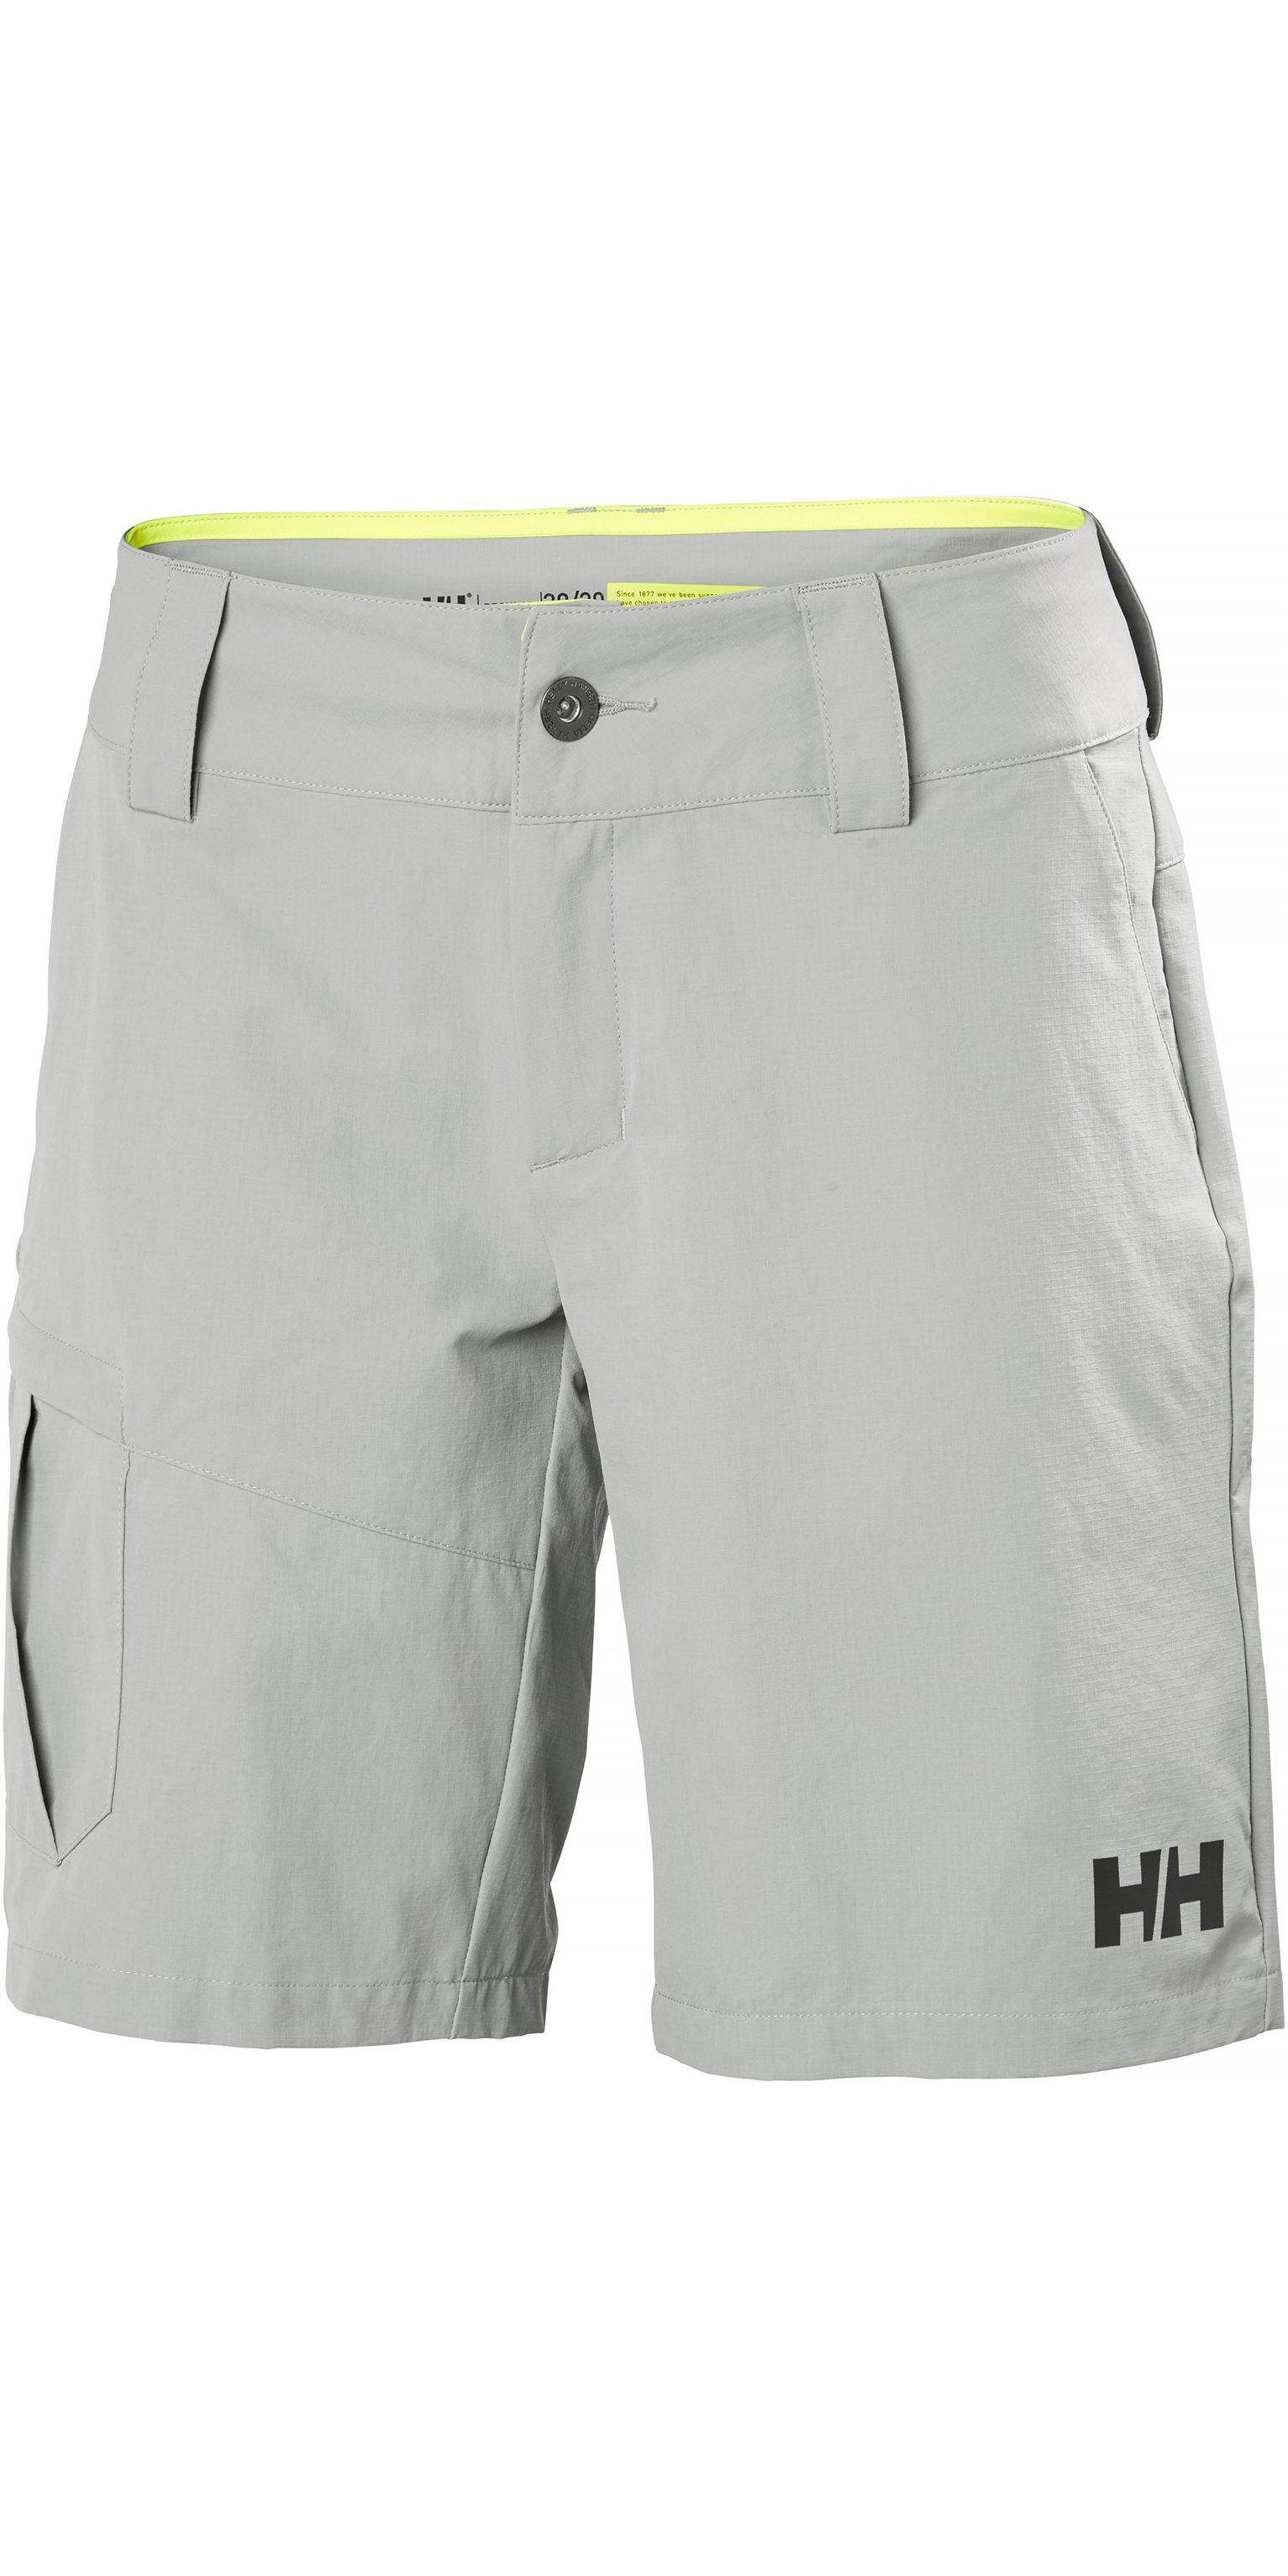 op voorraad uitchecken geweldige aanbiedingen 2019 Helly Hansen Womens QD Cargo Shorts Grey Fog 33942